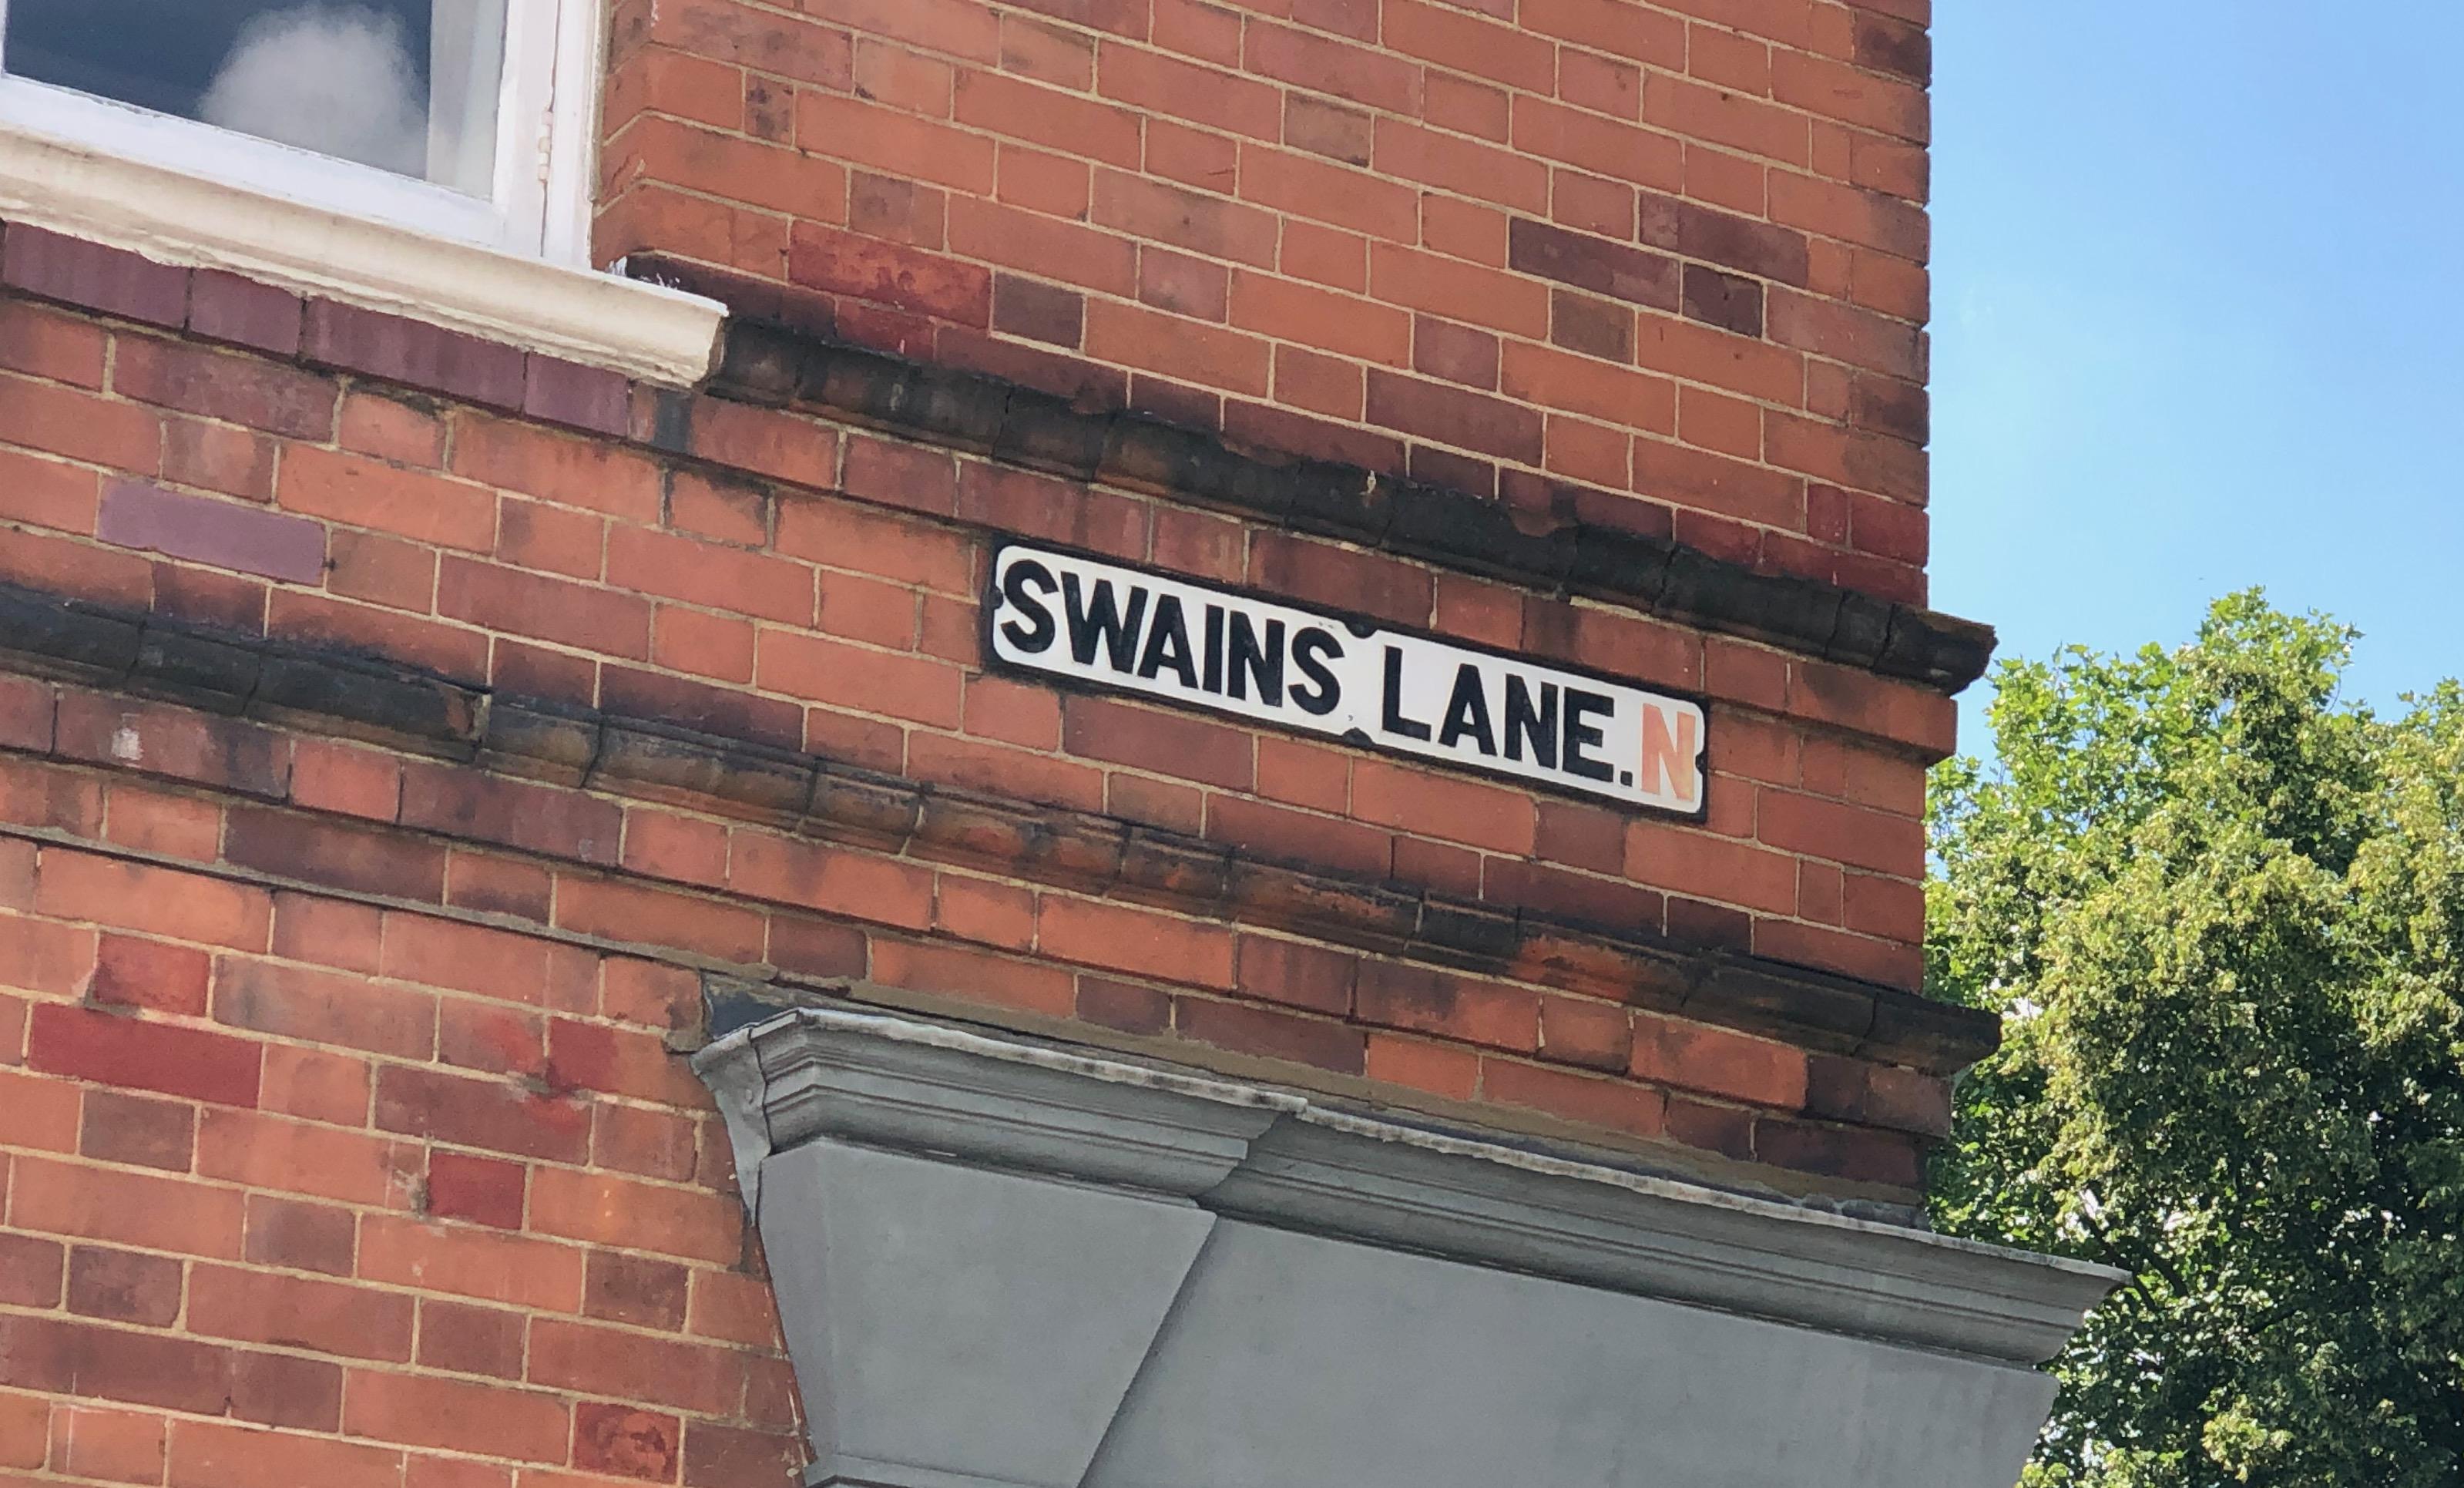 swains Lane